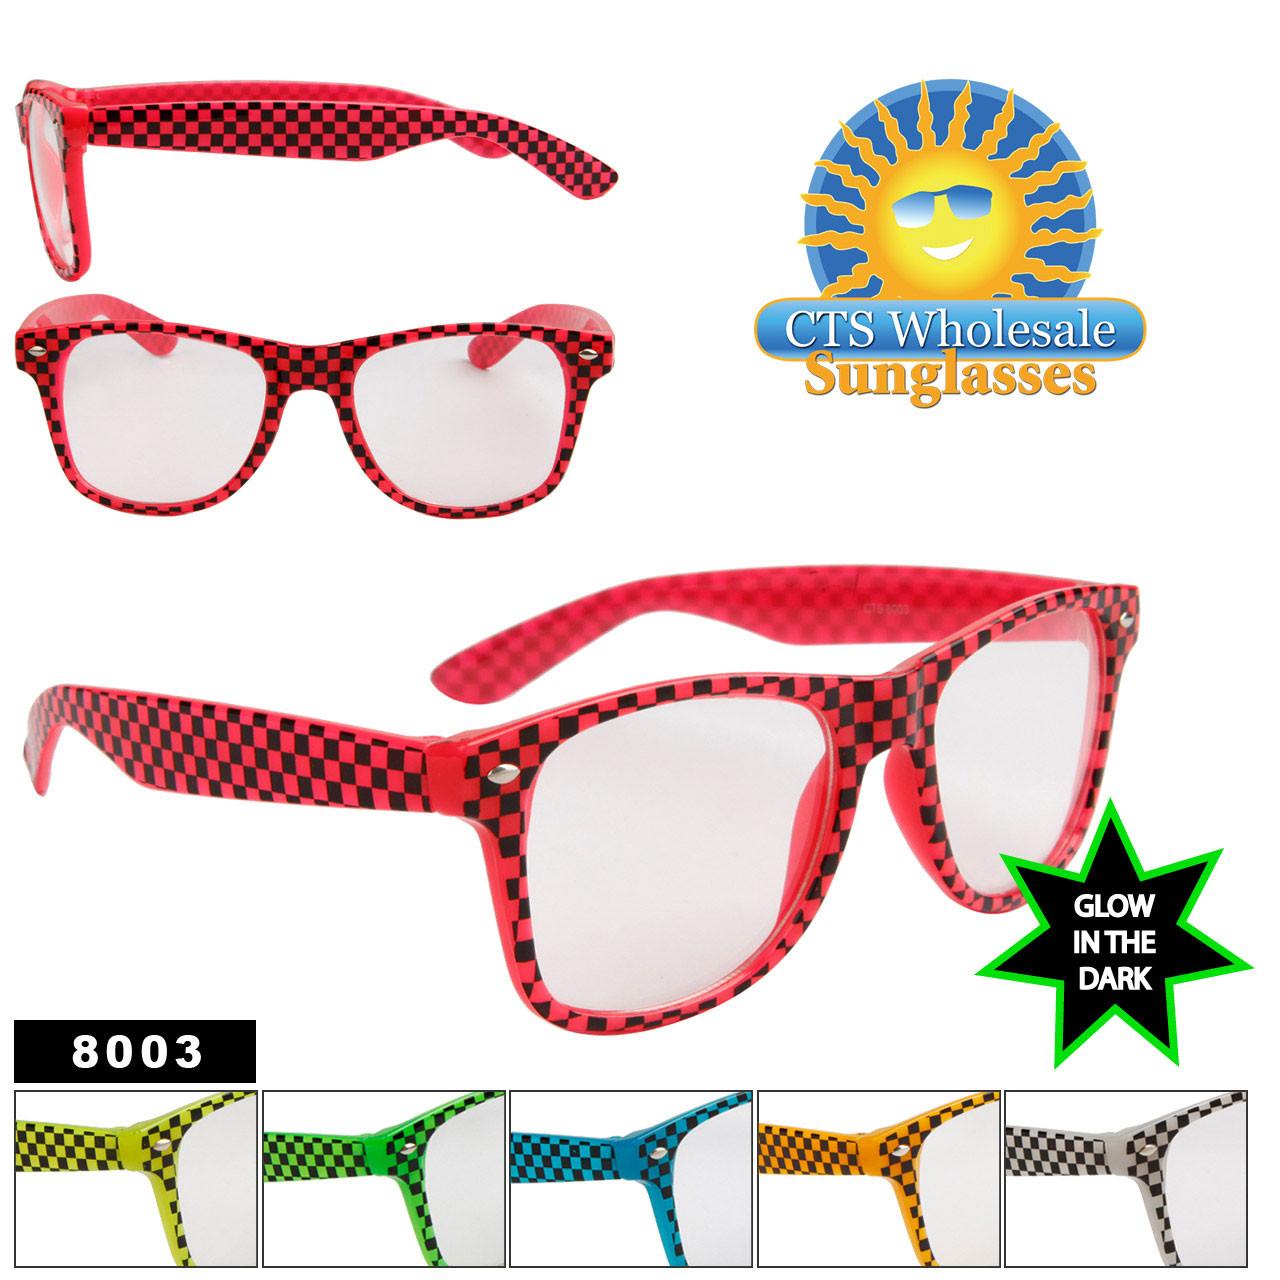 Glow in the Dark Sunglasses 8003 Checkered California Classics